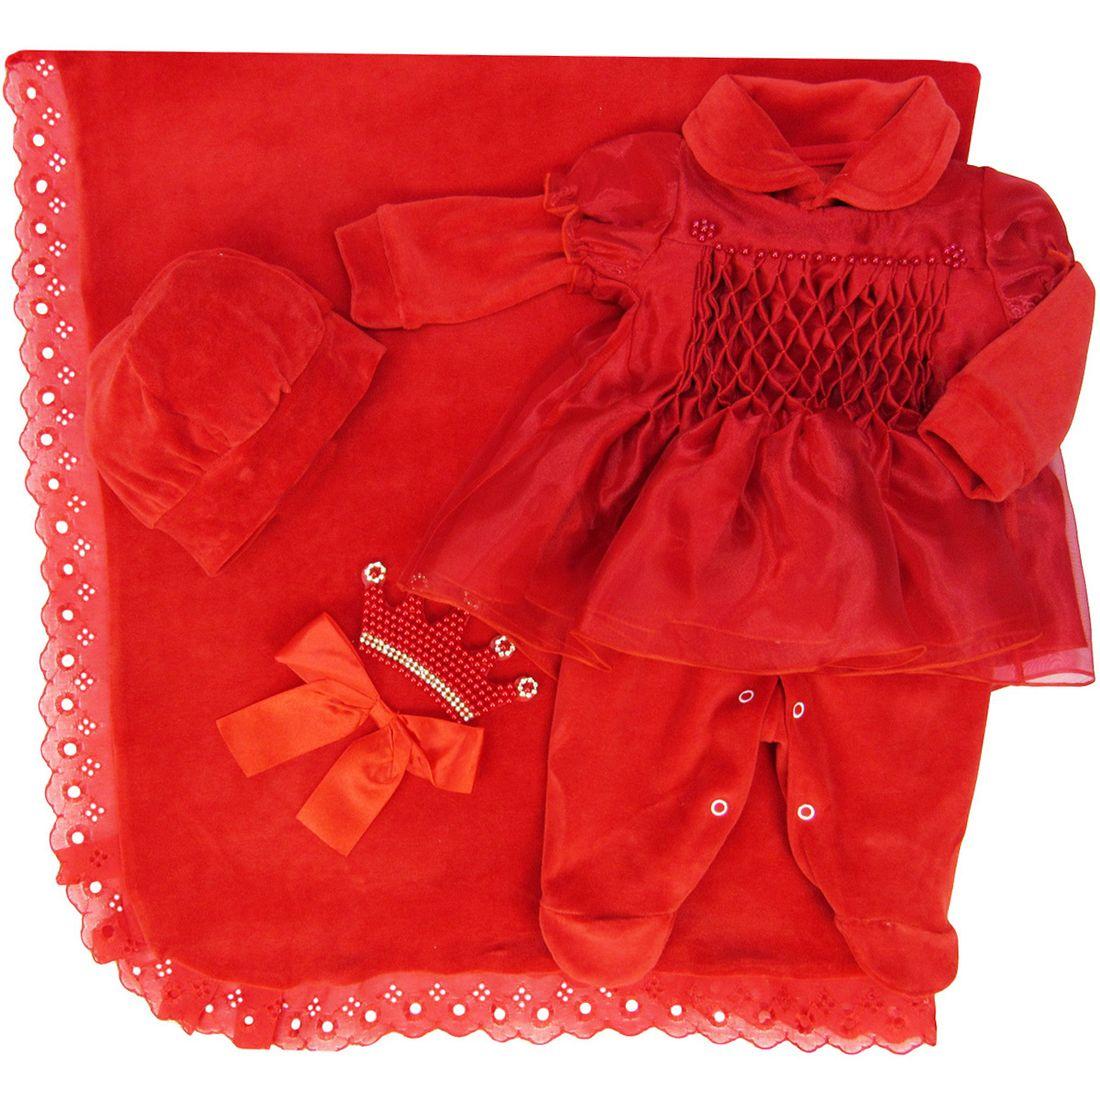 Saída de Maternidade Feminina em Plush Vermelho - poetique 792981b771b